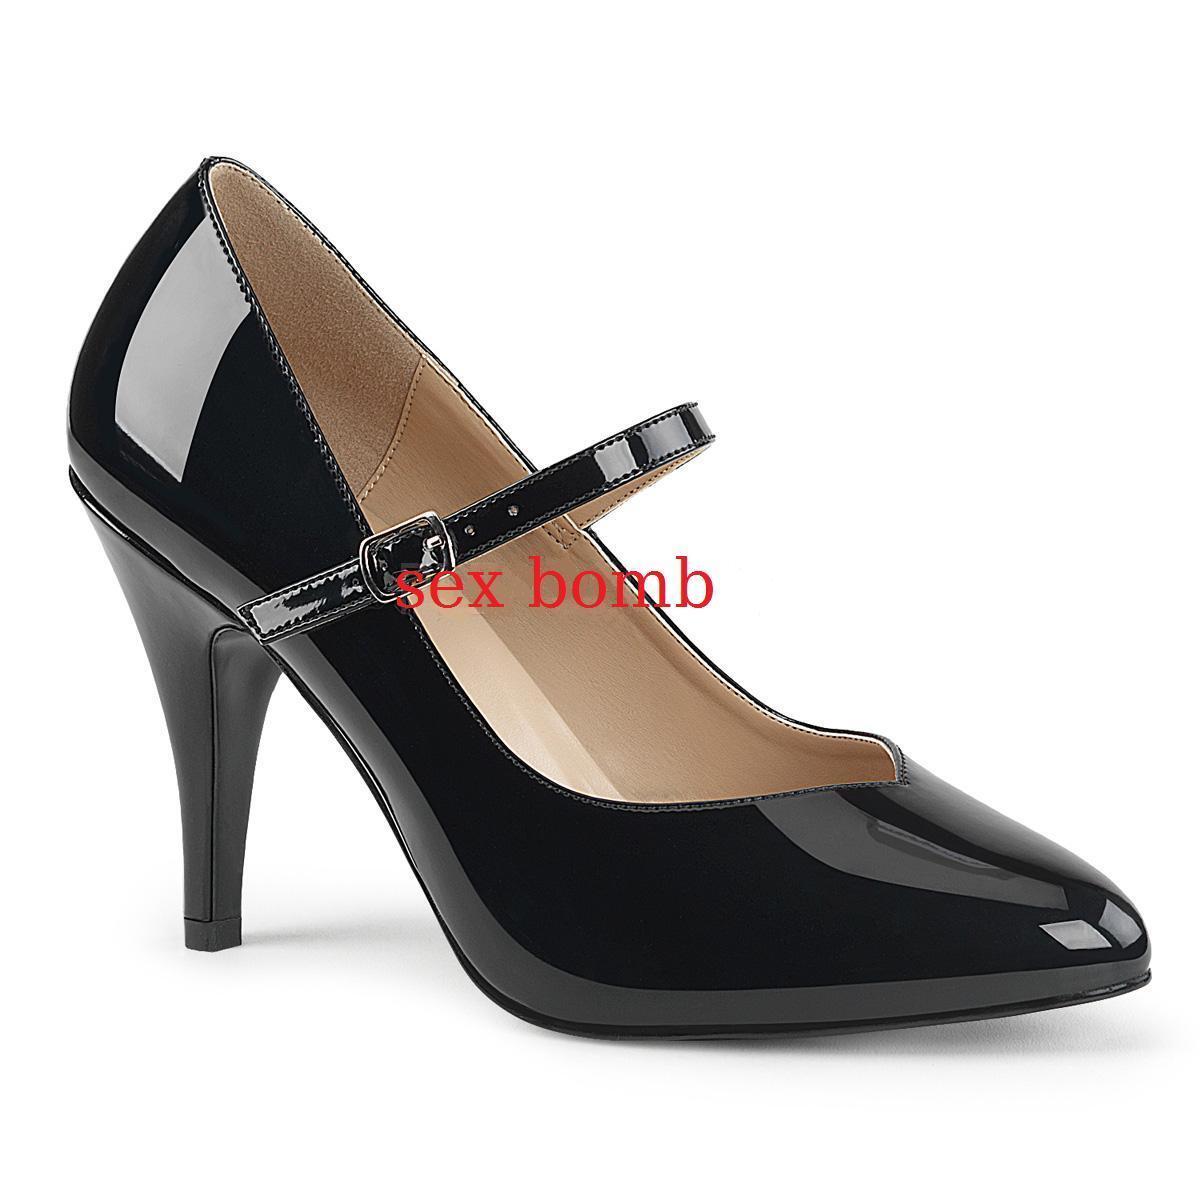 Sexy DECOLTE' tacco 10 dal 39 al 47 NERO LUCIDO cinturino scarpe fashion GLAMOUR